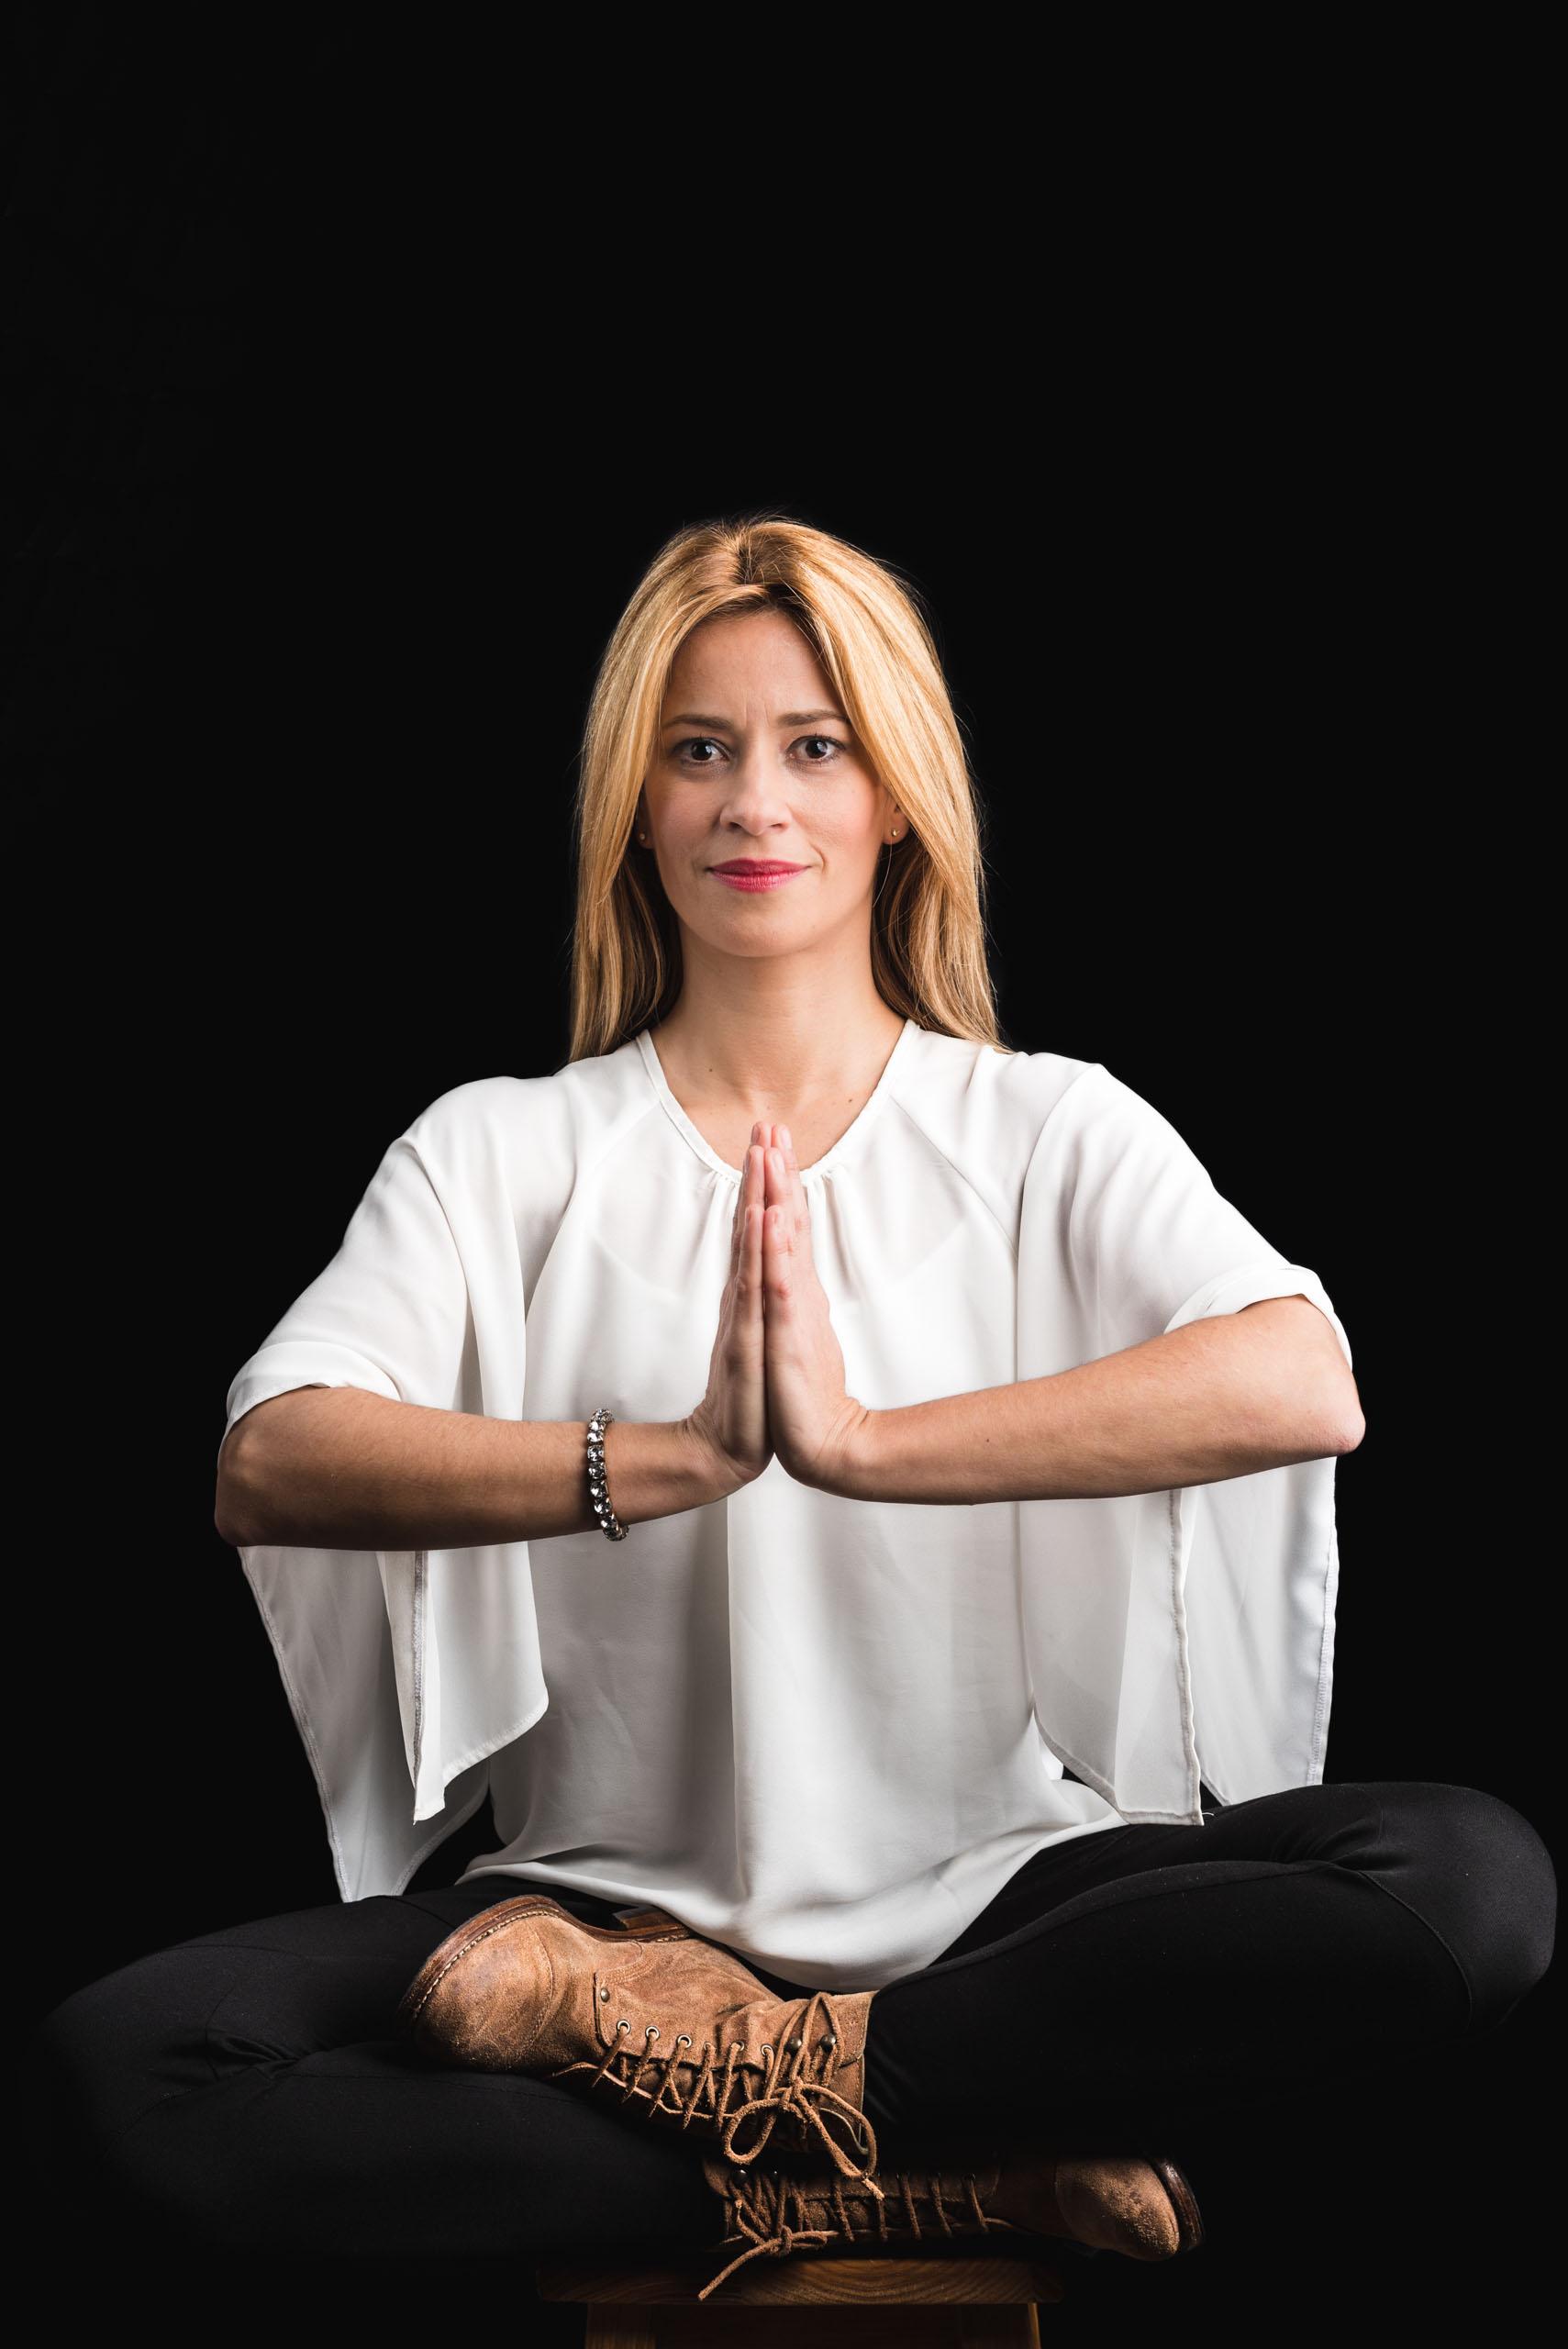 Caterina Emílio